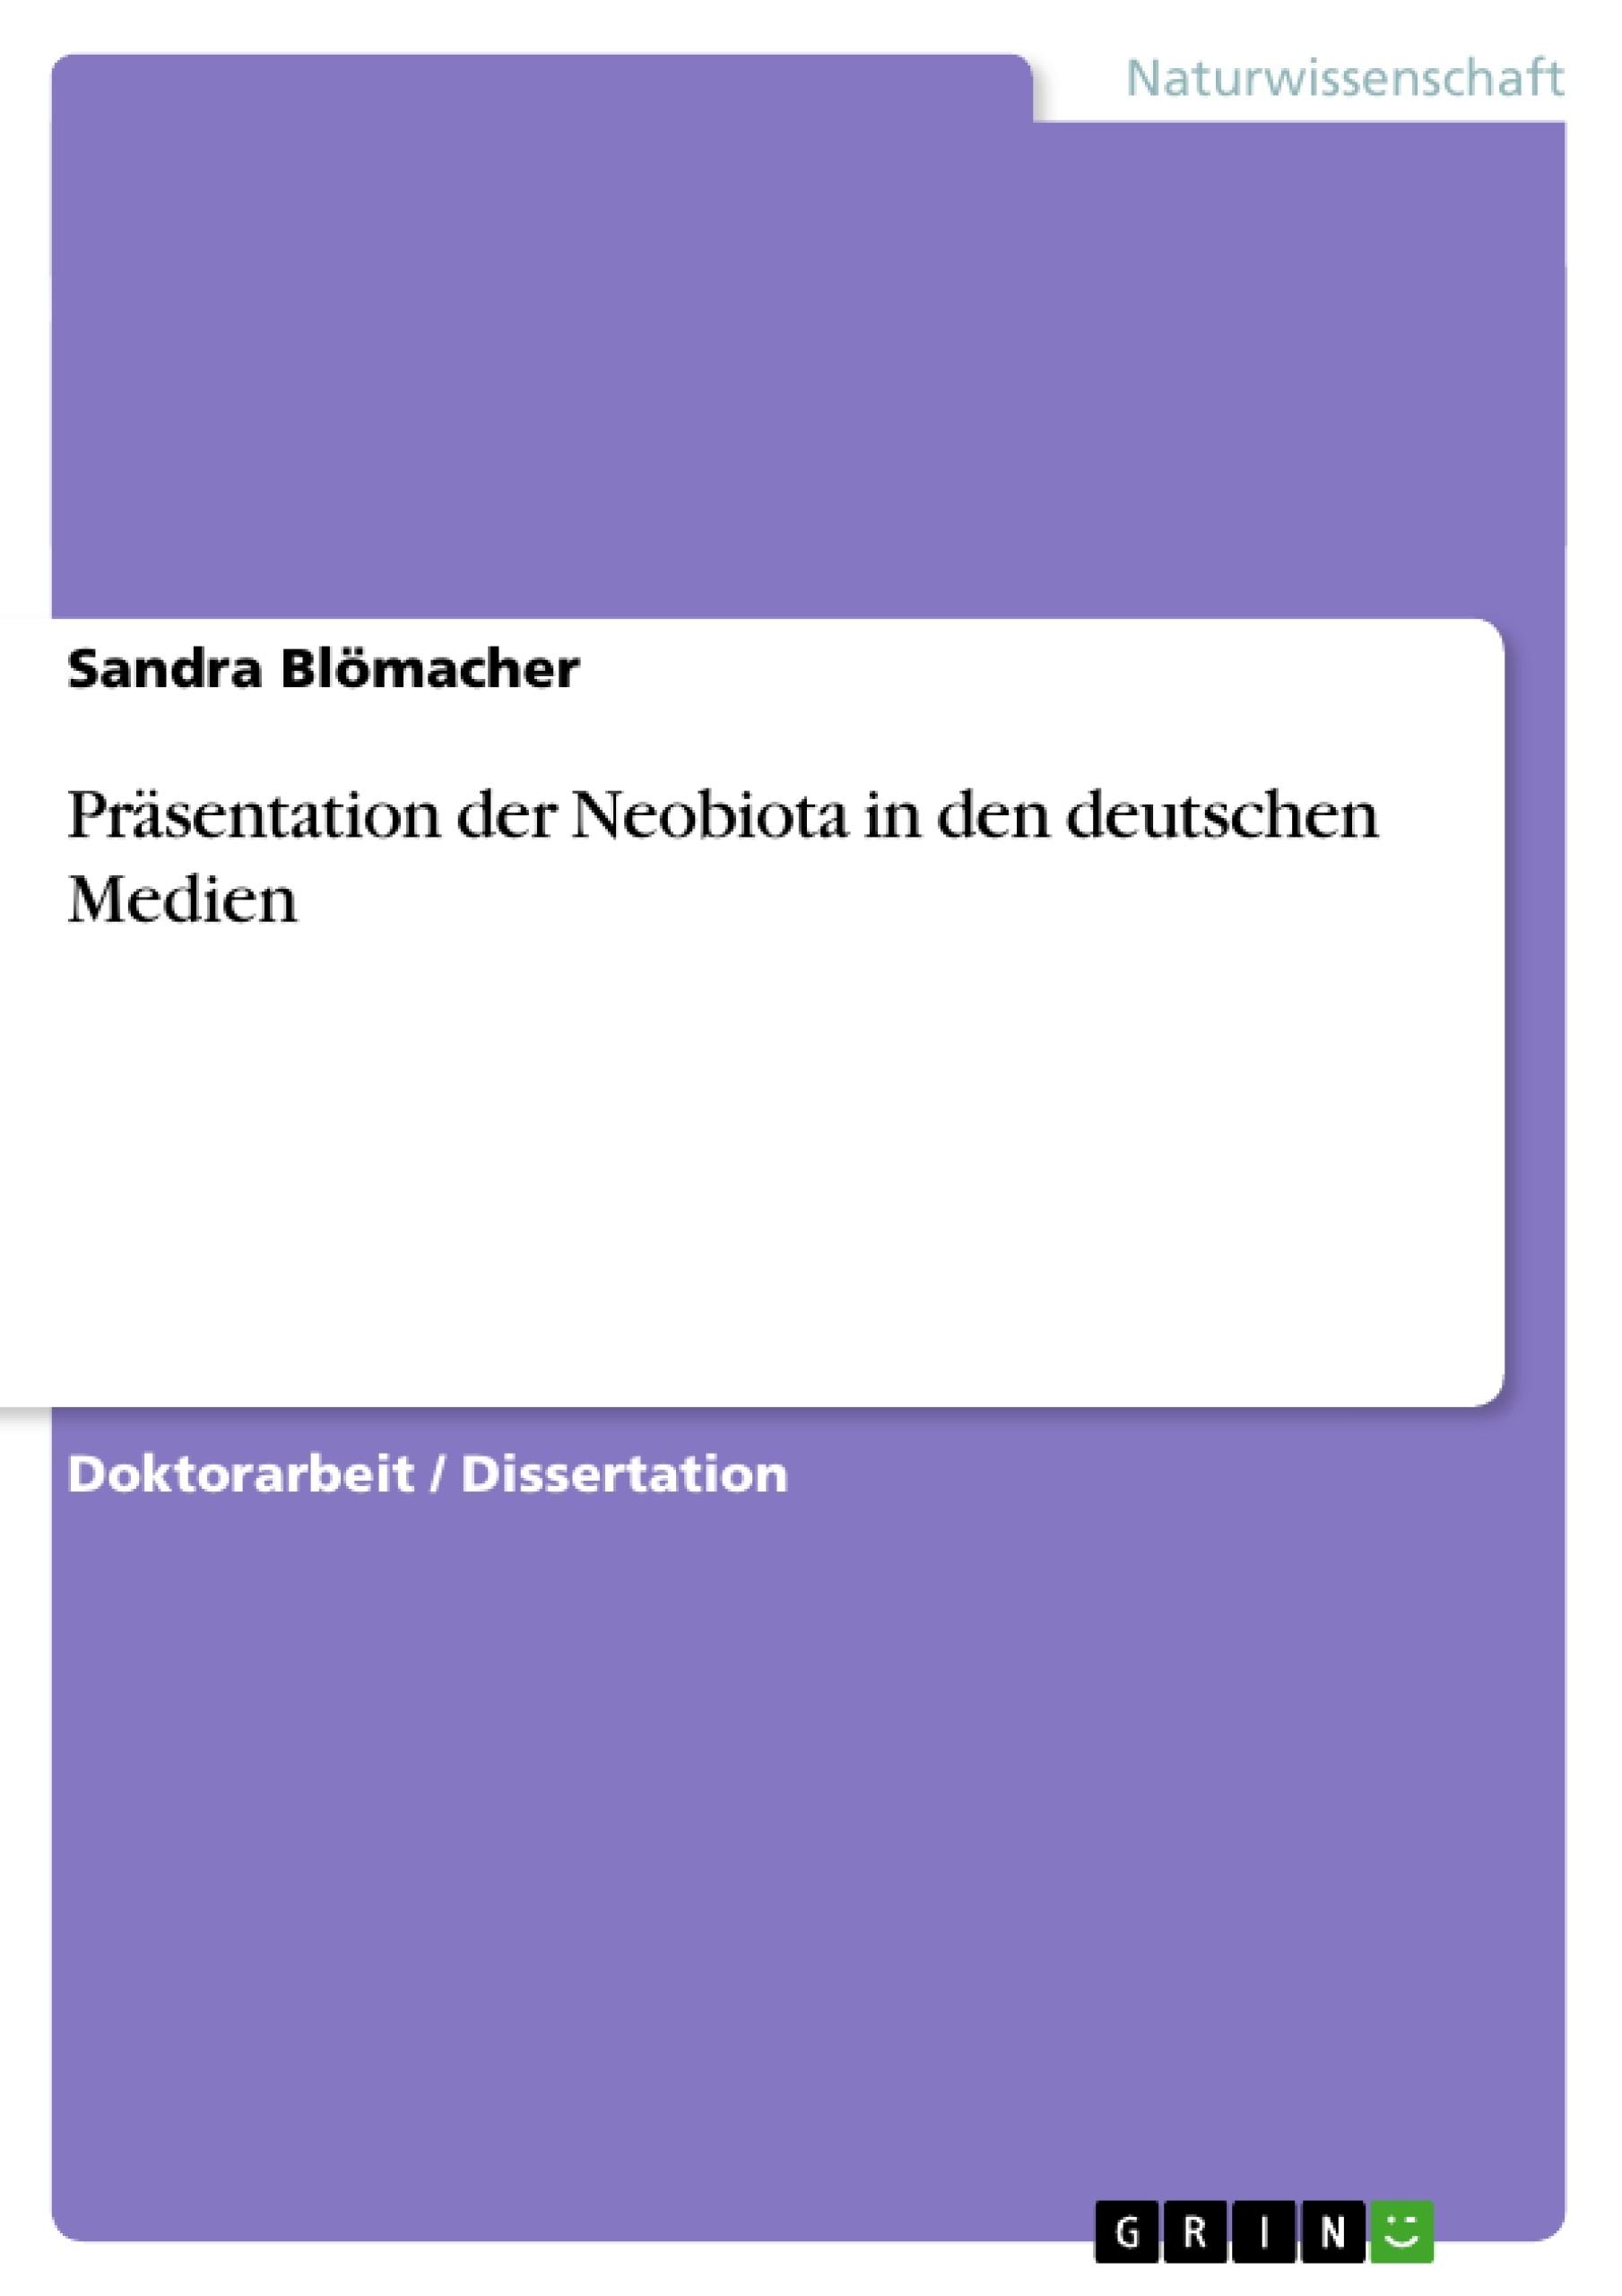 Titel: Präsentation der Neobiota in den deutschen Medien